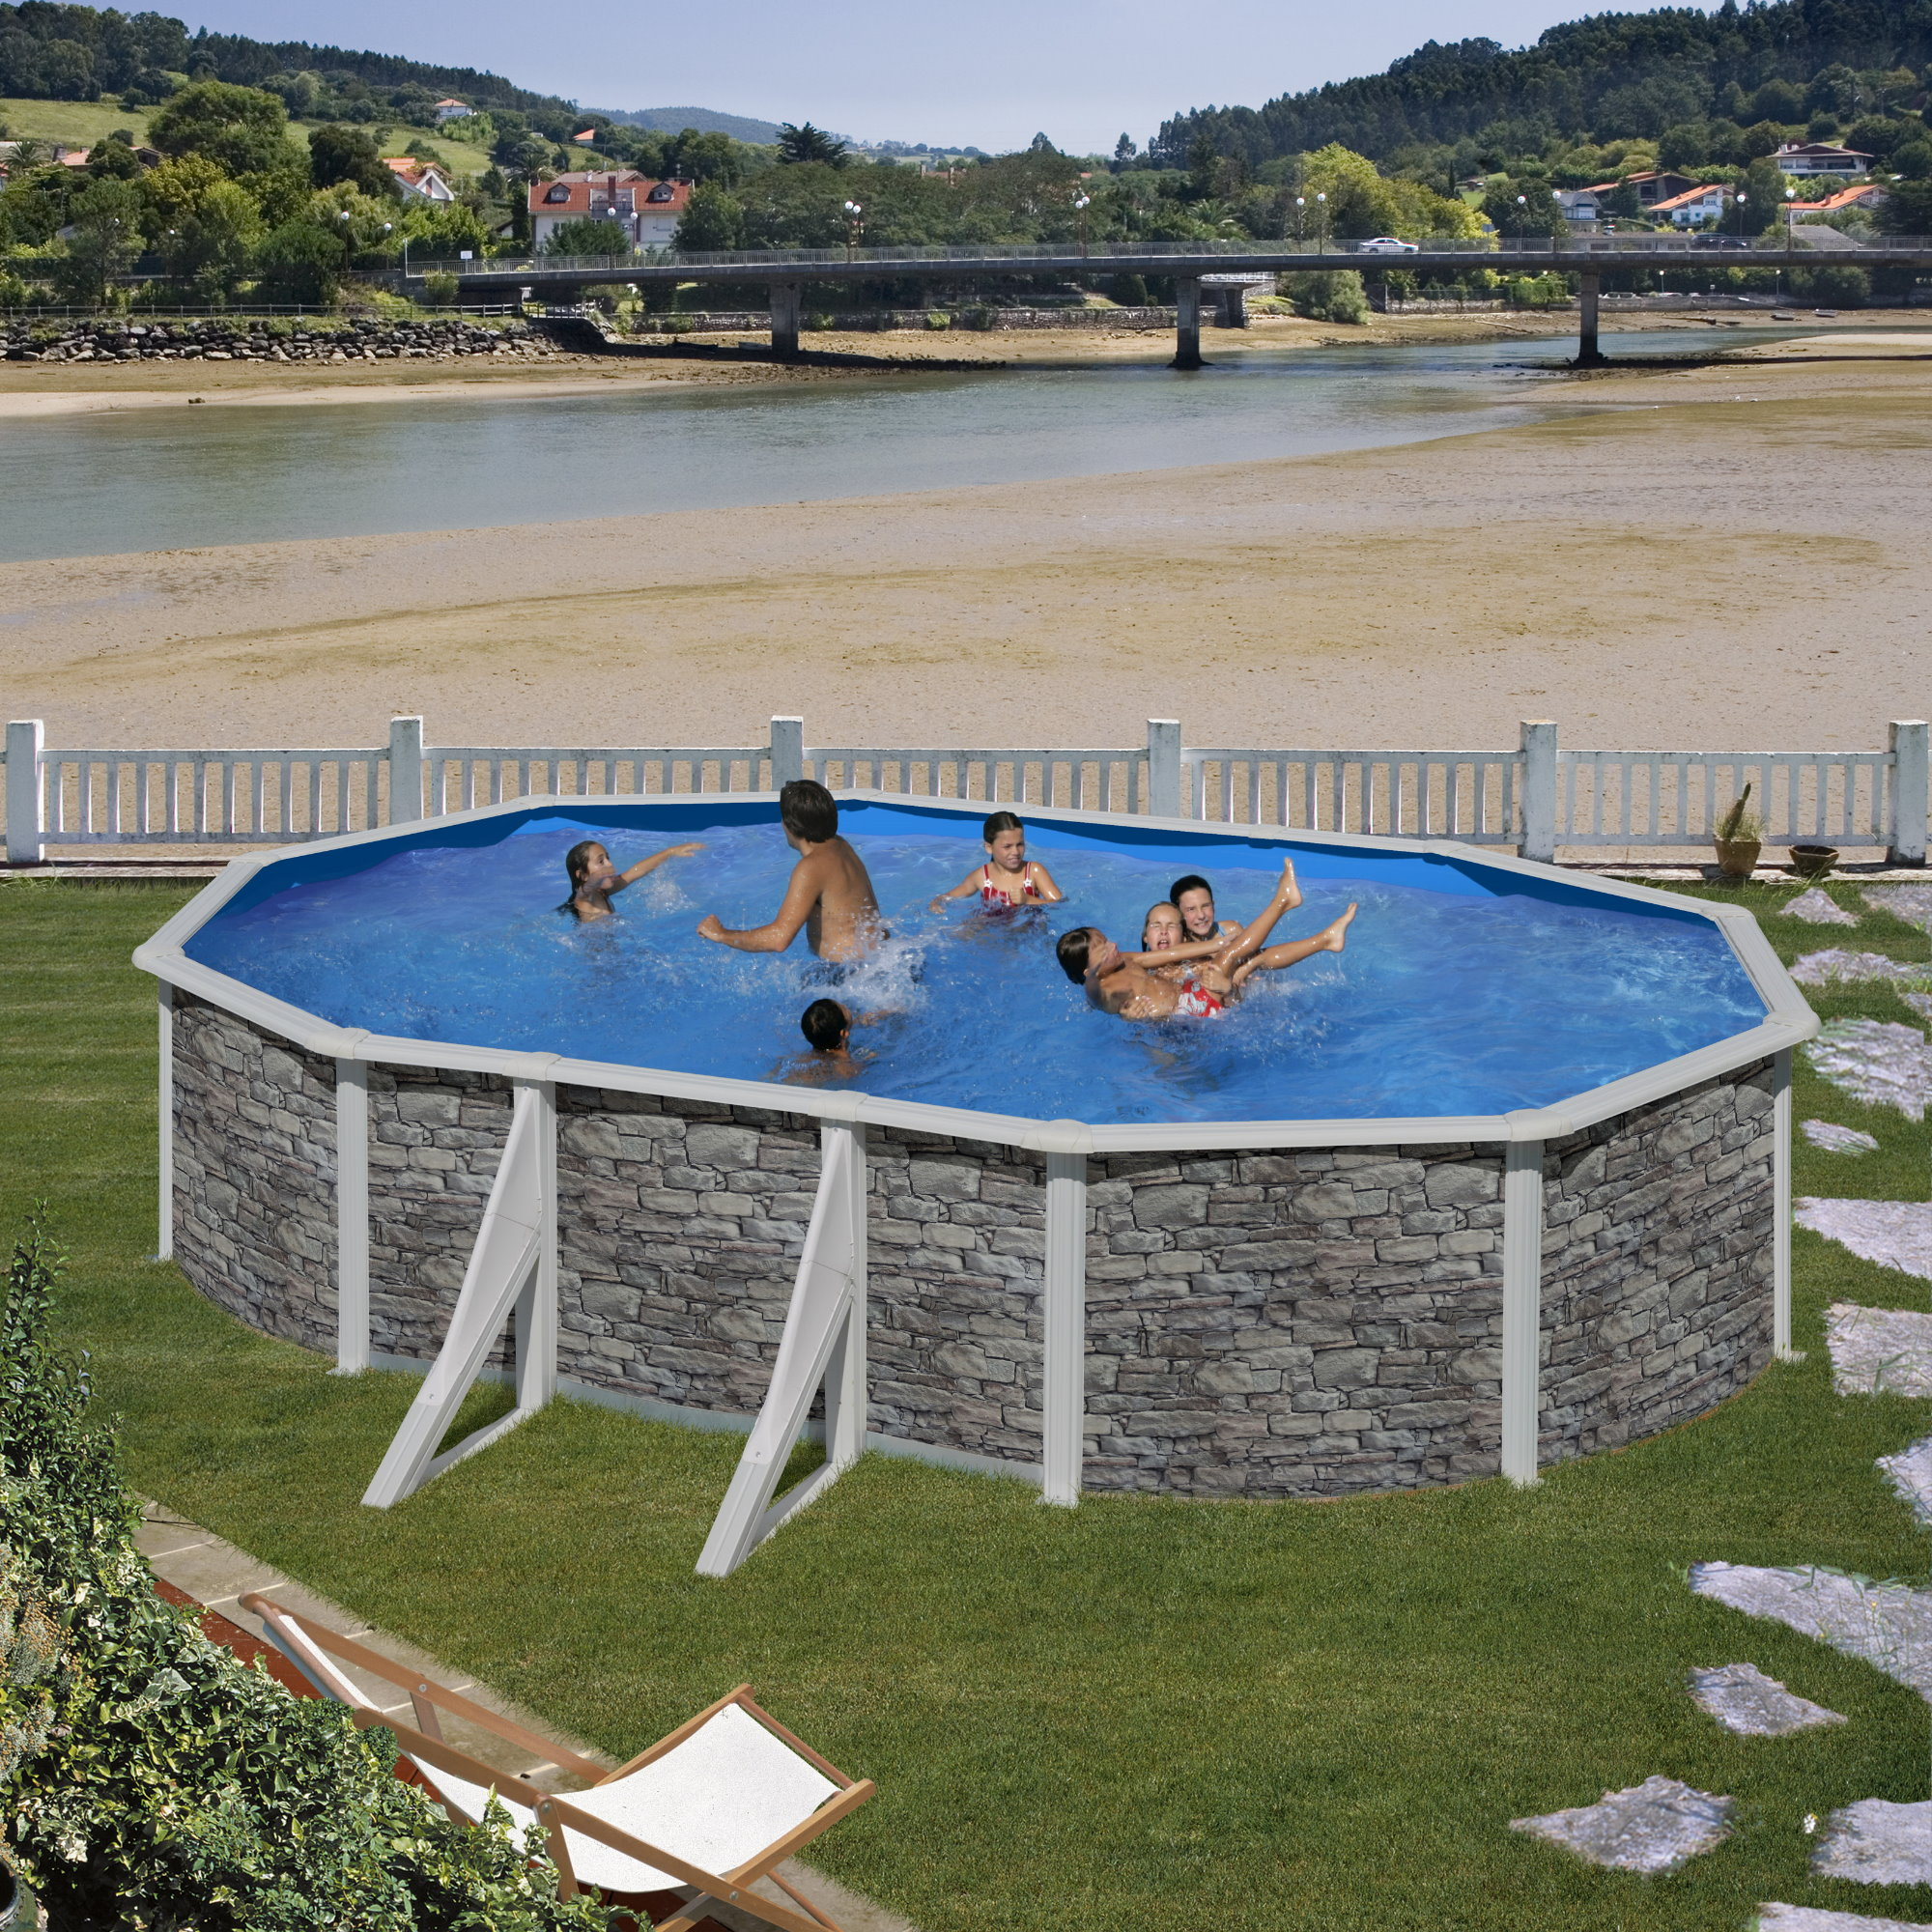 Ovalformbeckenset steinoptik cerdana 610 x 375 x 120 cm for Poolfolie steinoptik